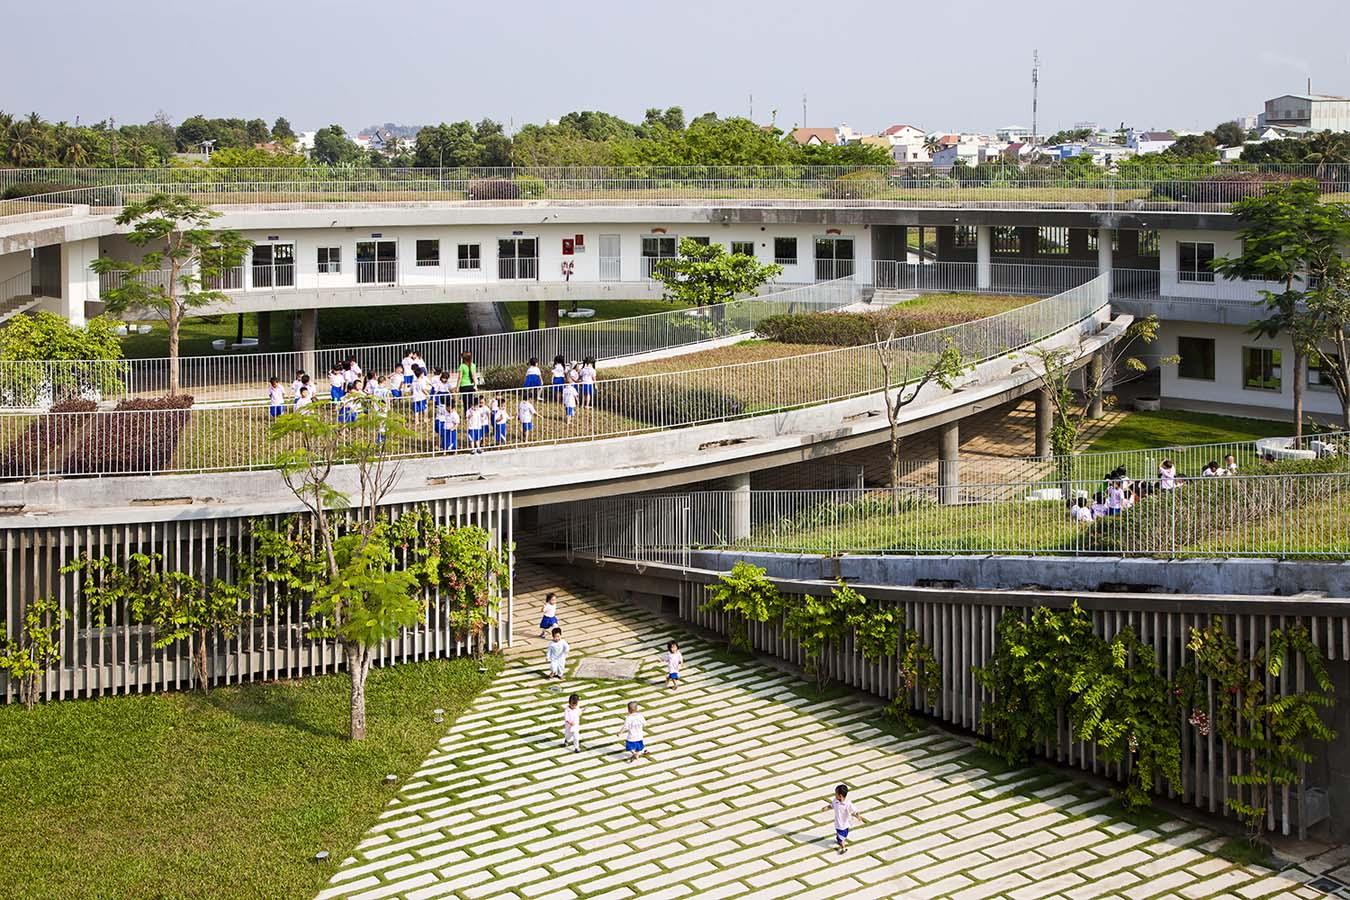 horta e jardim livro : horta e jardim livro:telhado-verde-com-horta-em-jardim-de-infância-no-vietnã-5